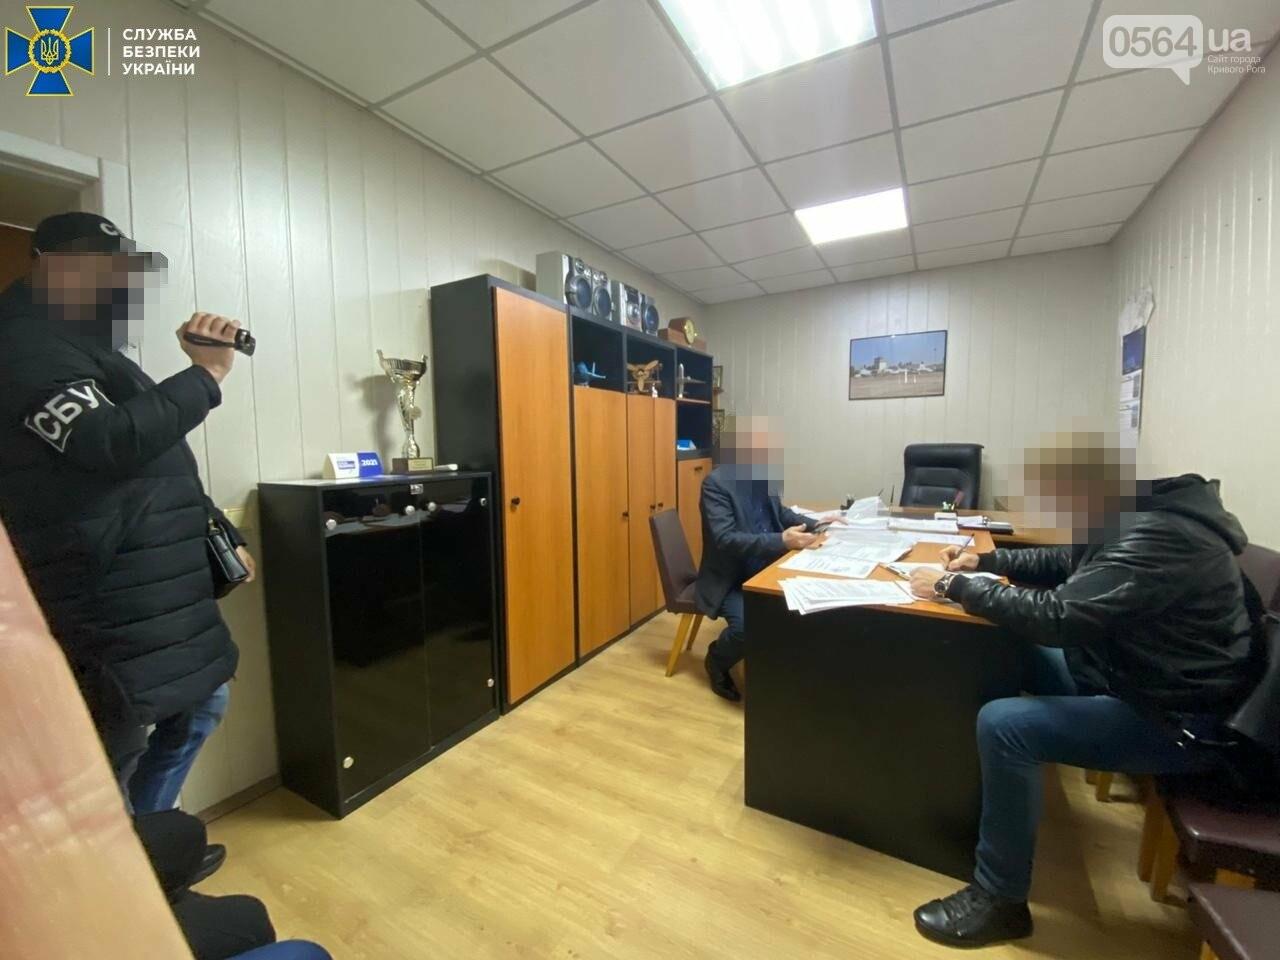 Директора криворожского аэропорта подозревают в растрате бюджетных миллионов, - ФОТО (ДОПОЛНЕНО), фото-2